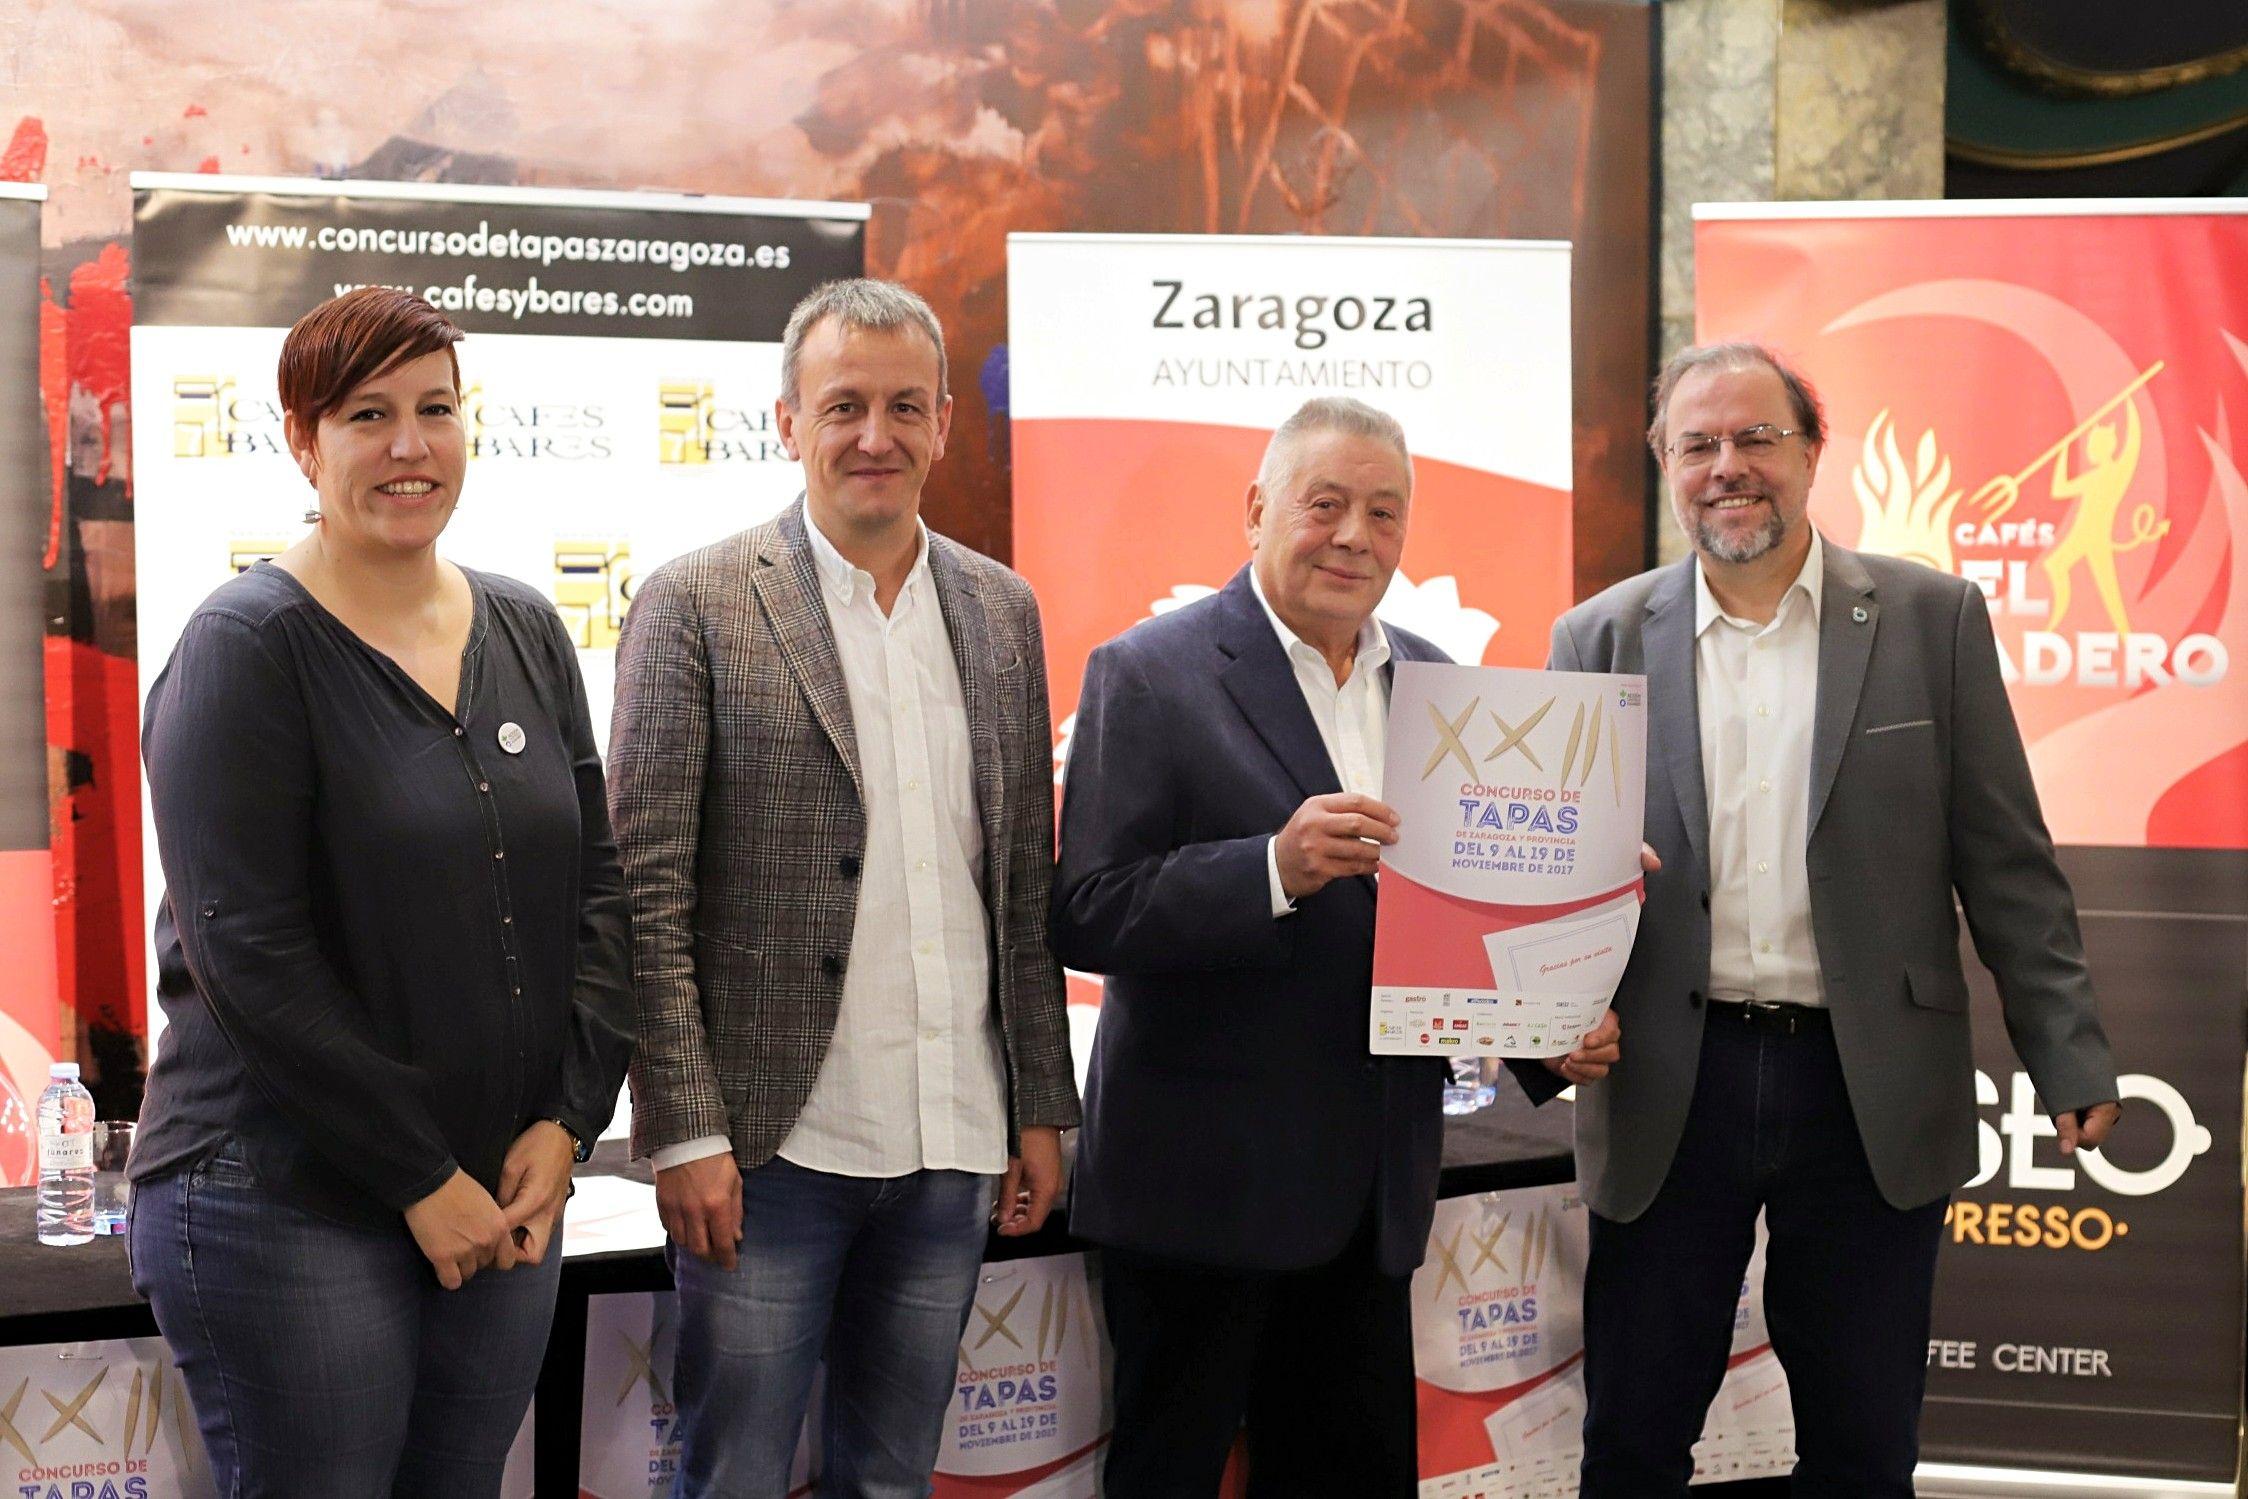 Arranca la XXIII edición del Concurso de Tapas de Zaragoza y Provincia